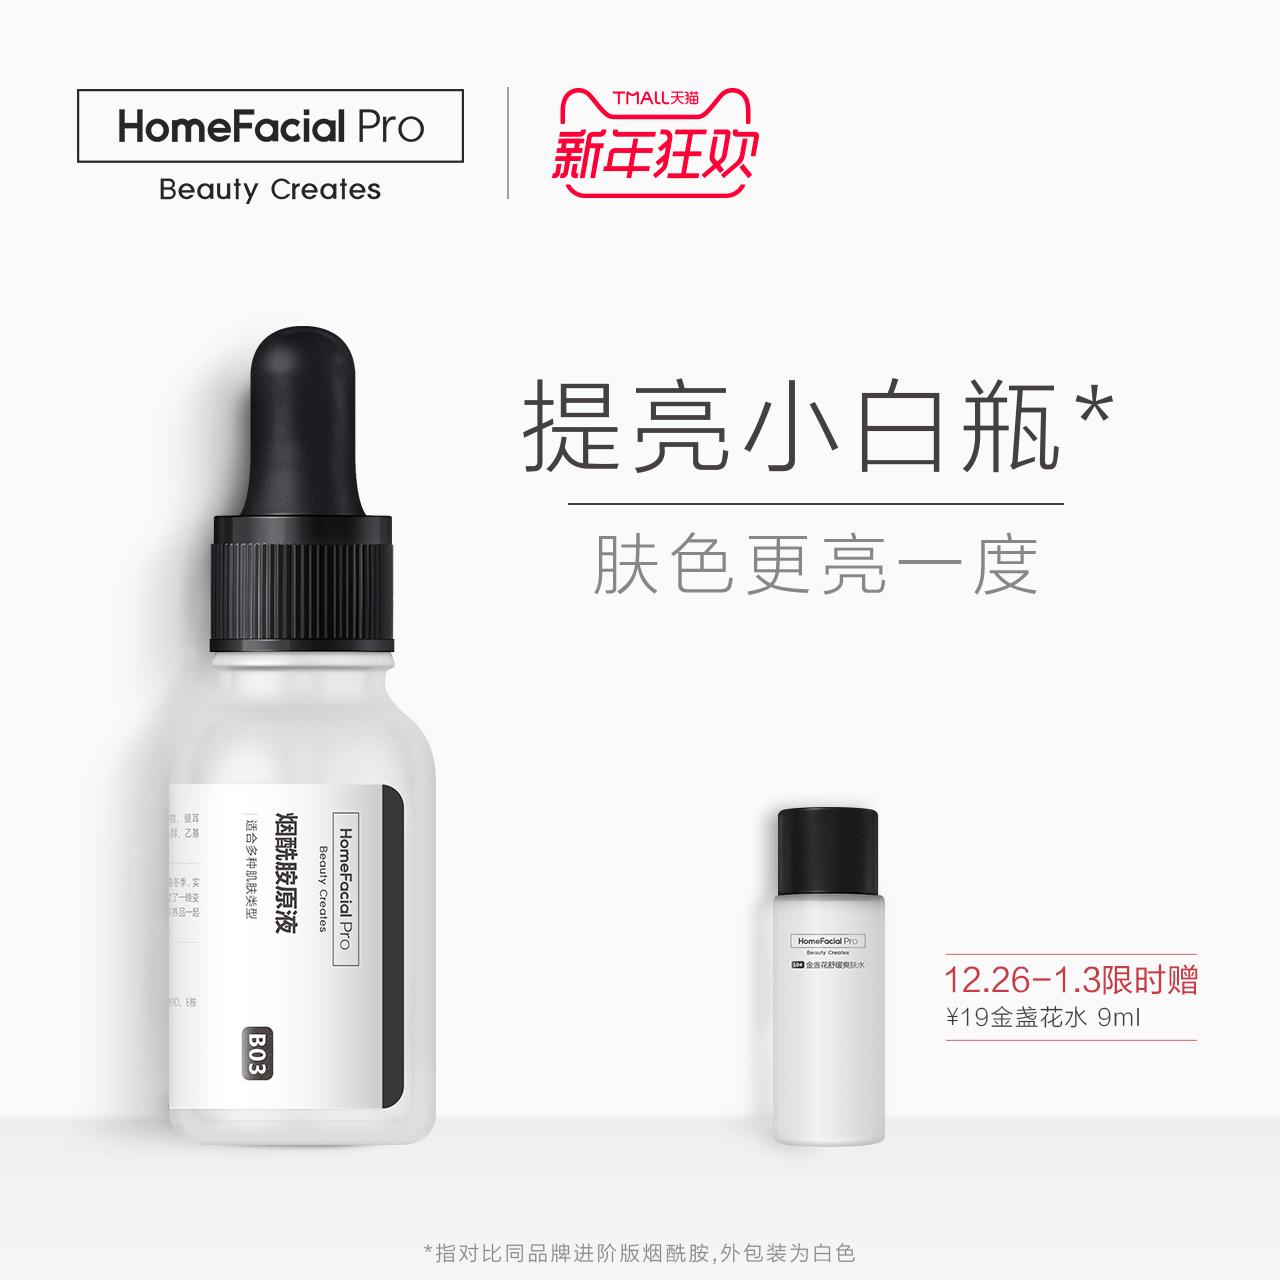 HomeFacialPro烟酰胺原液 补水祛黄提亮肤色小白瓶面部精华液男女